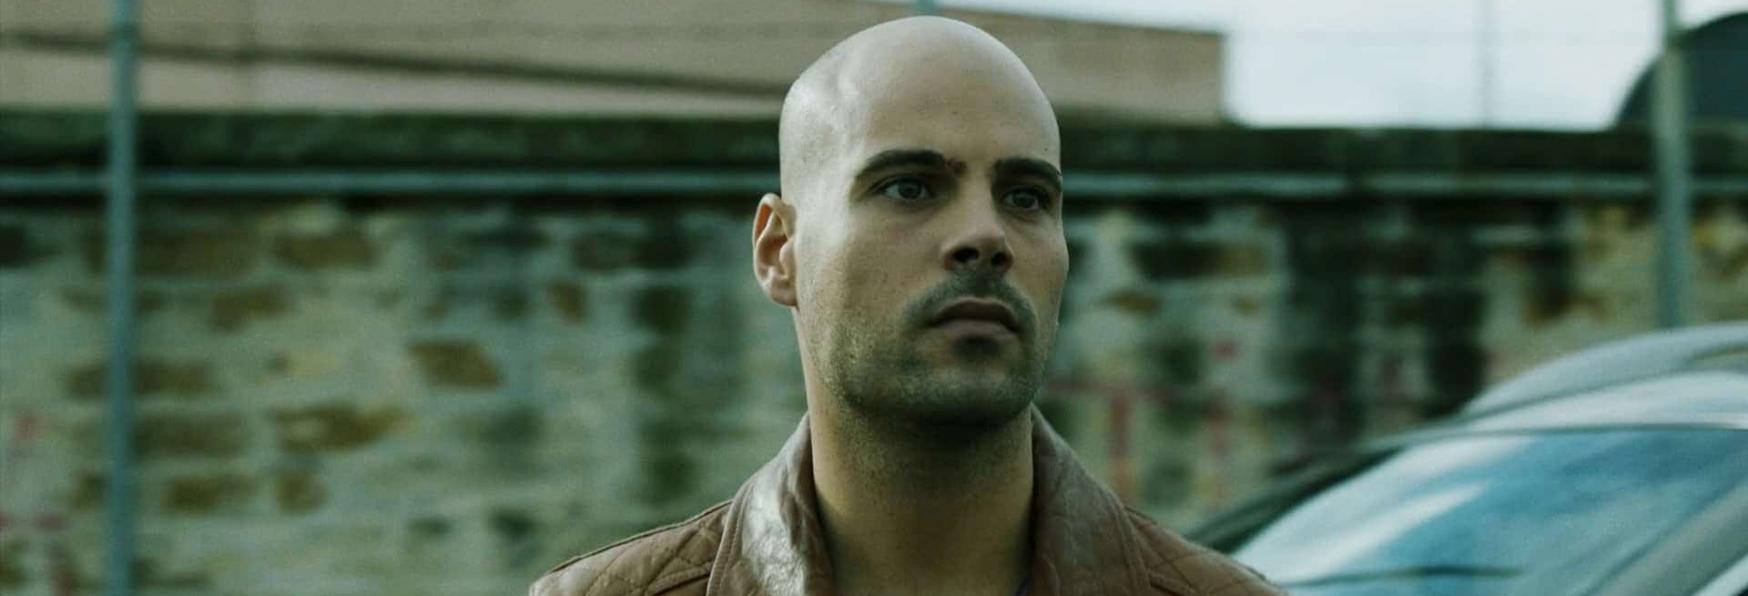 Gomorra 5: Marco D'Amore parla dell'ultima Stagione della Serie TV targata Sky Atlantic